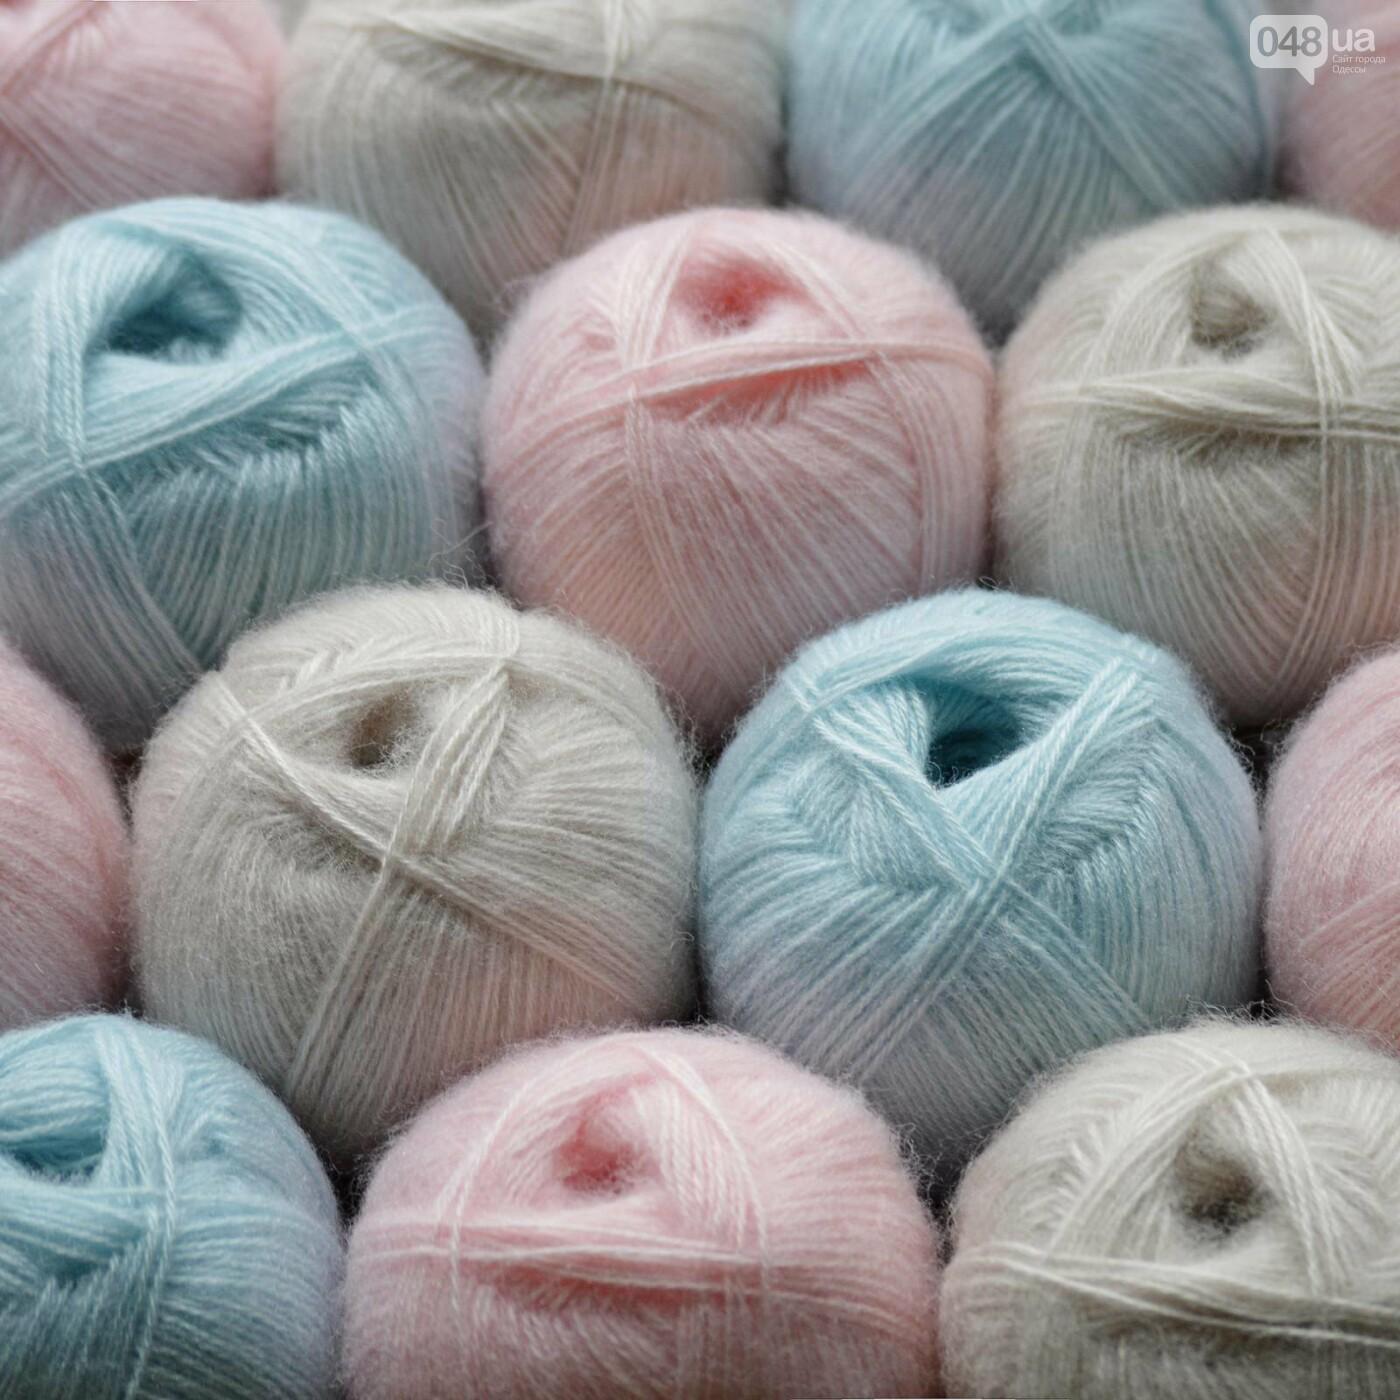 Пряжи для вязания Alize можно купить онлайн  по доступной цене, фото-4